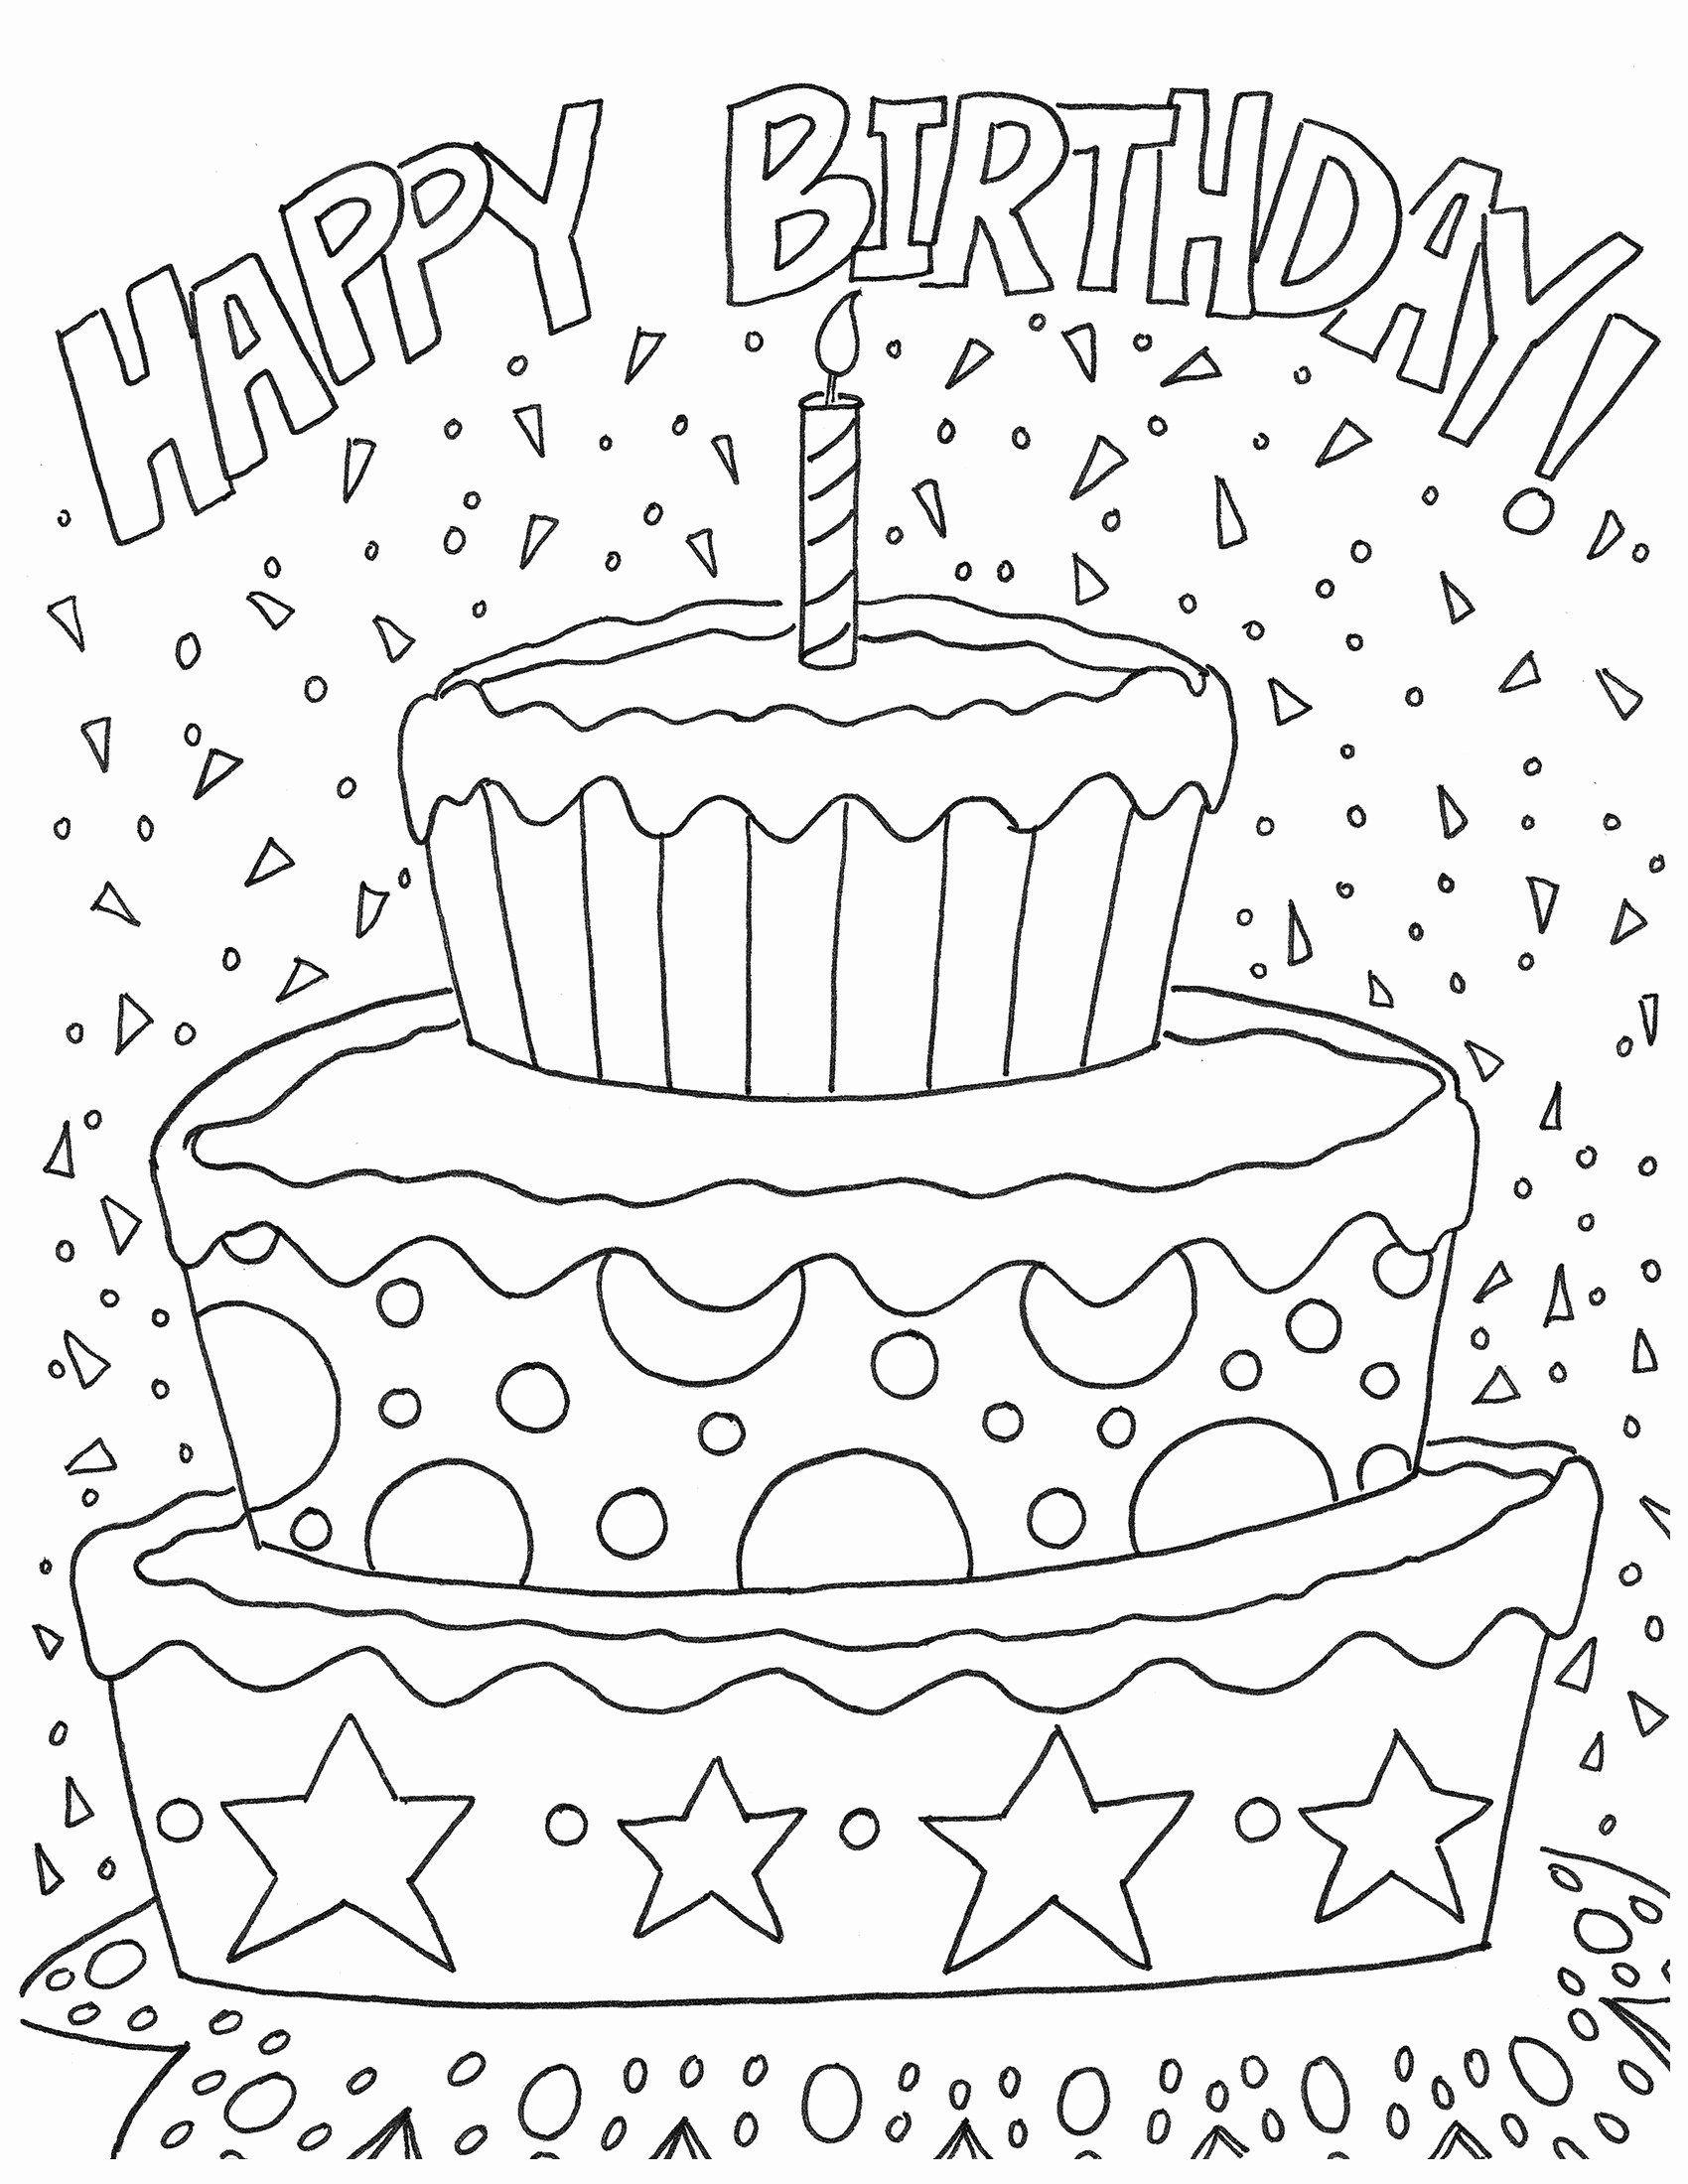 Coloring Birthday Cards Printable Awesome Free Funny Happy Birthday Christmas Coloring Pages Halaman Mewarnai Selamat Ulang Tahun Ayah Buku Mewarnai